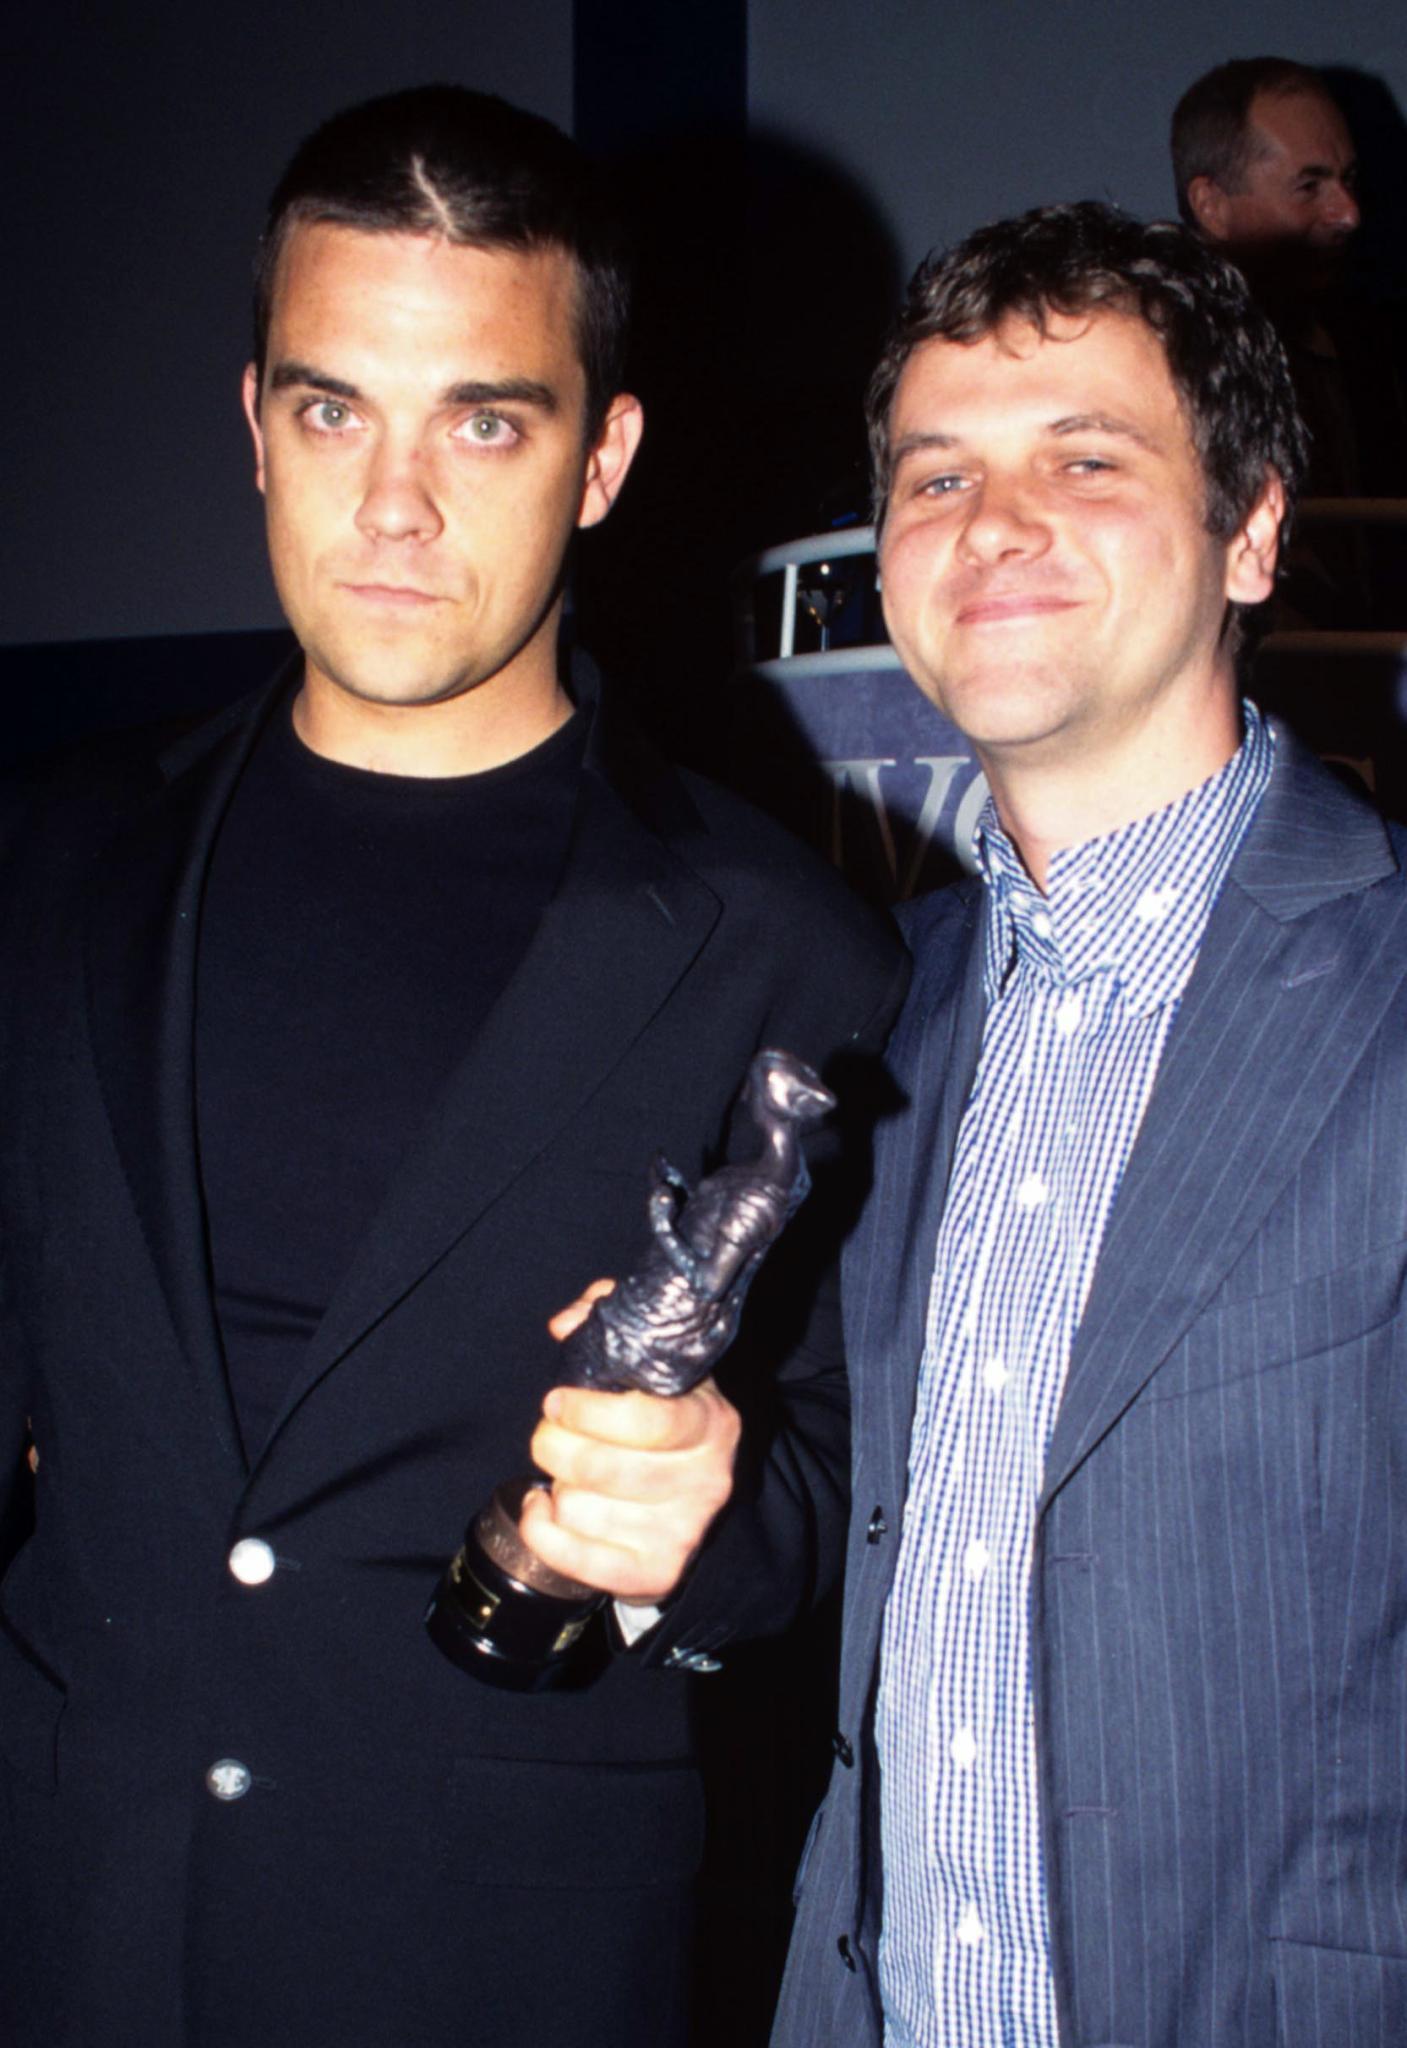 """Gemeinsam schrieben Robbie und Guy Mega-Hits wie """"Let Me Entertain You"""" und """"Angels""""."""